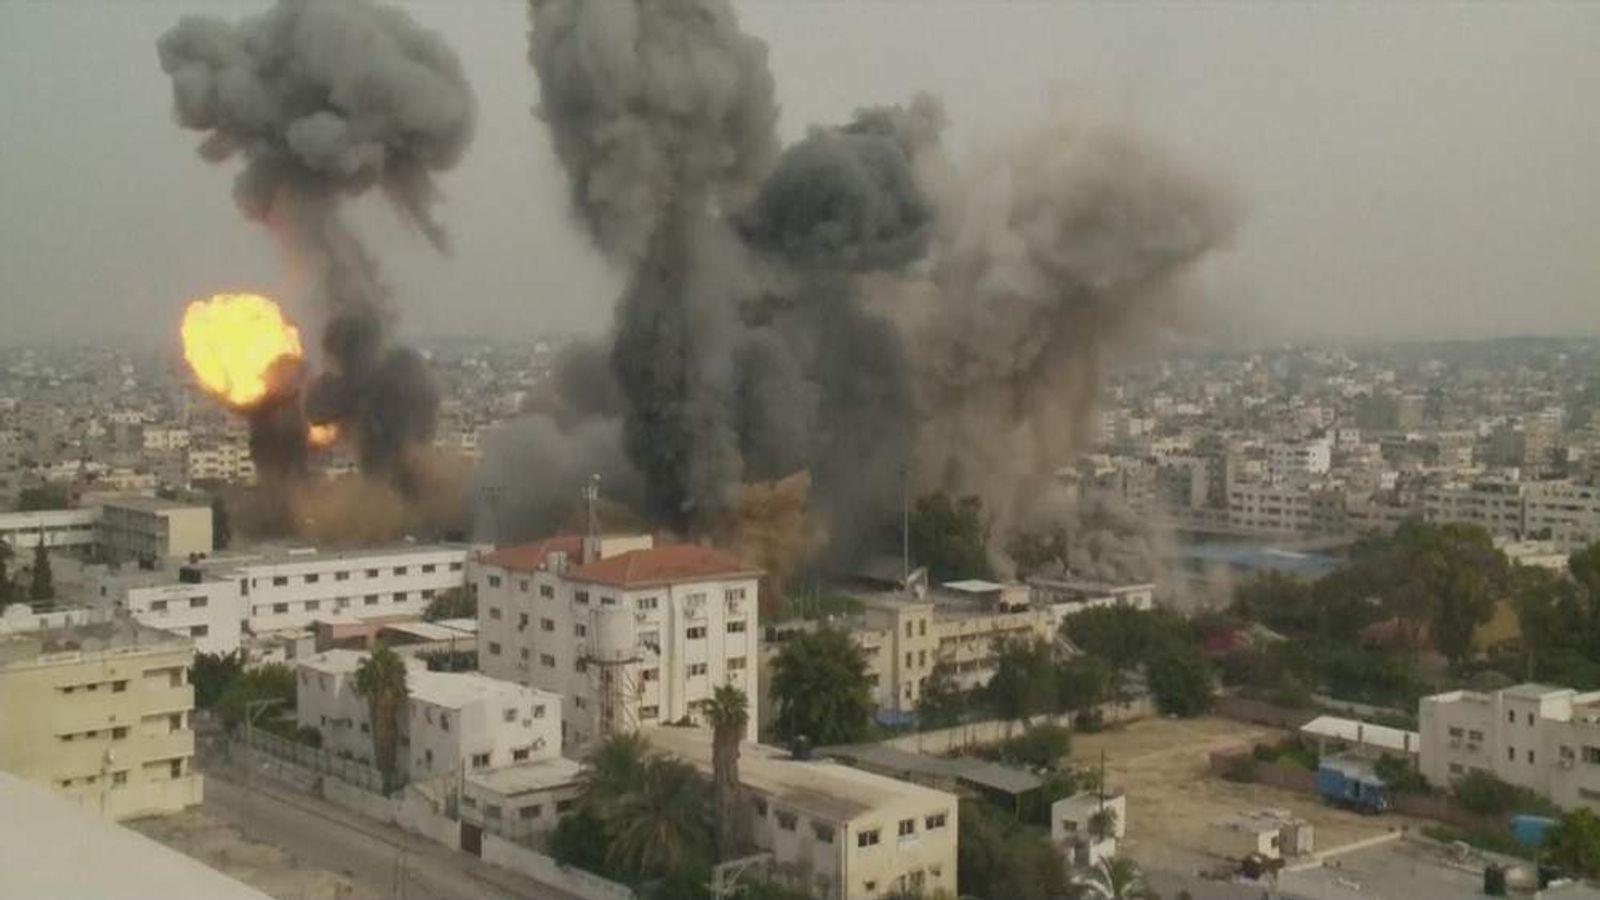 Explosions in Gaza